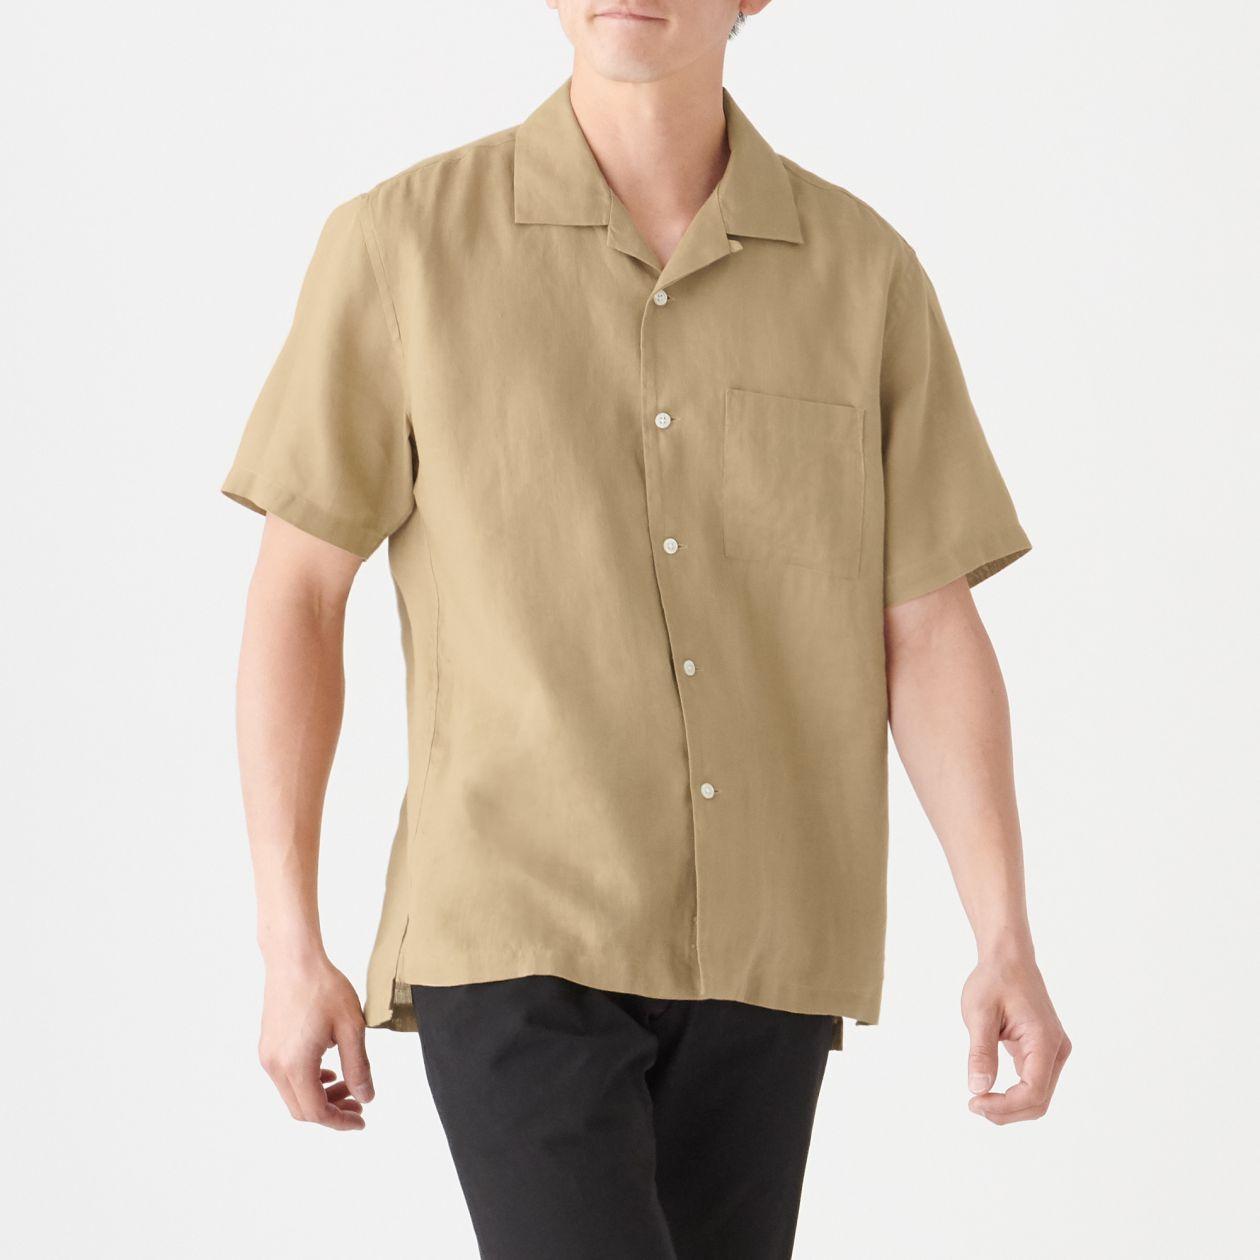 フレンチリネン洗いざらしオープンカラー半袖シャツ